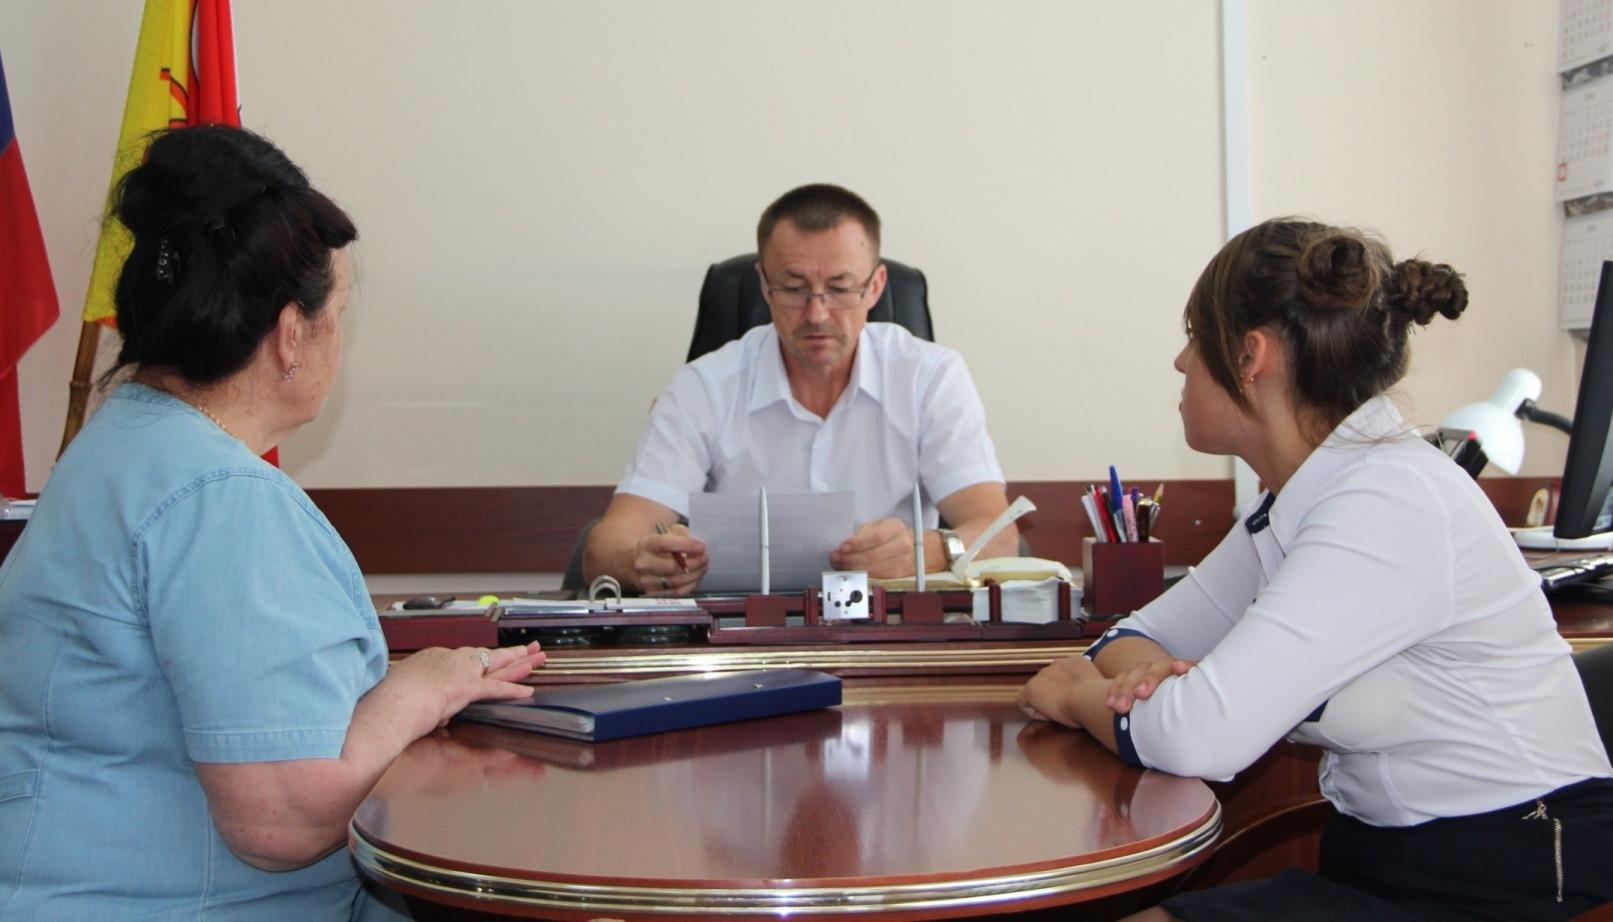 Расписание педиатра в детской поликлинике 1 дзержинск